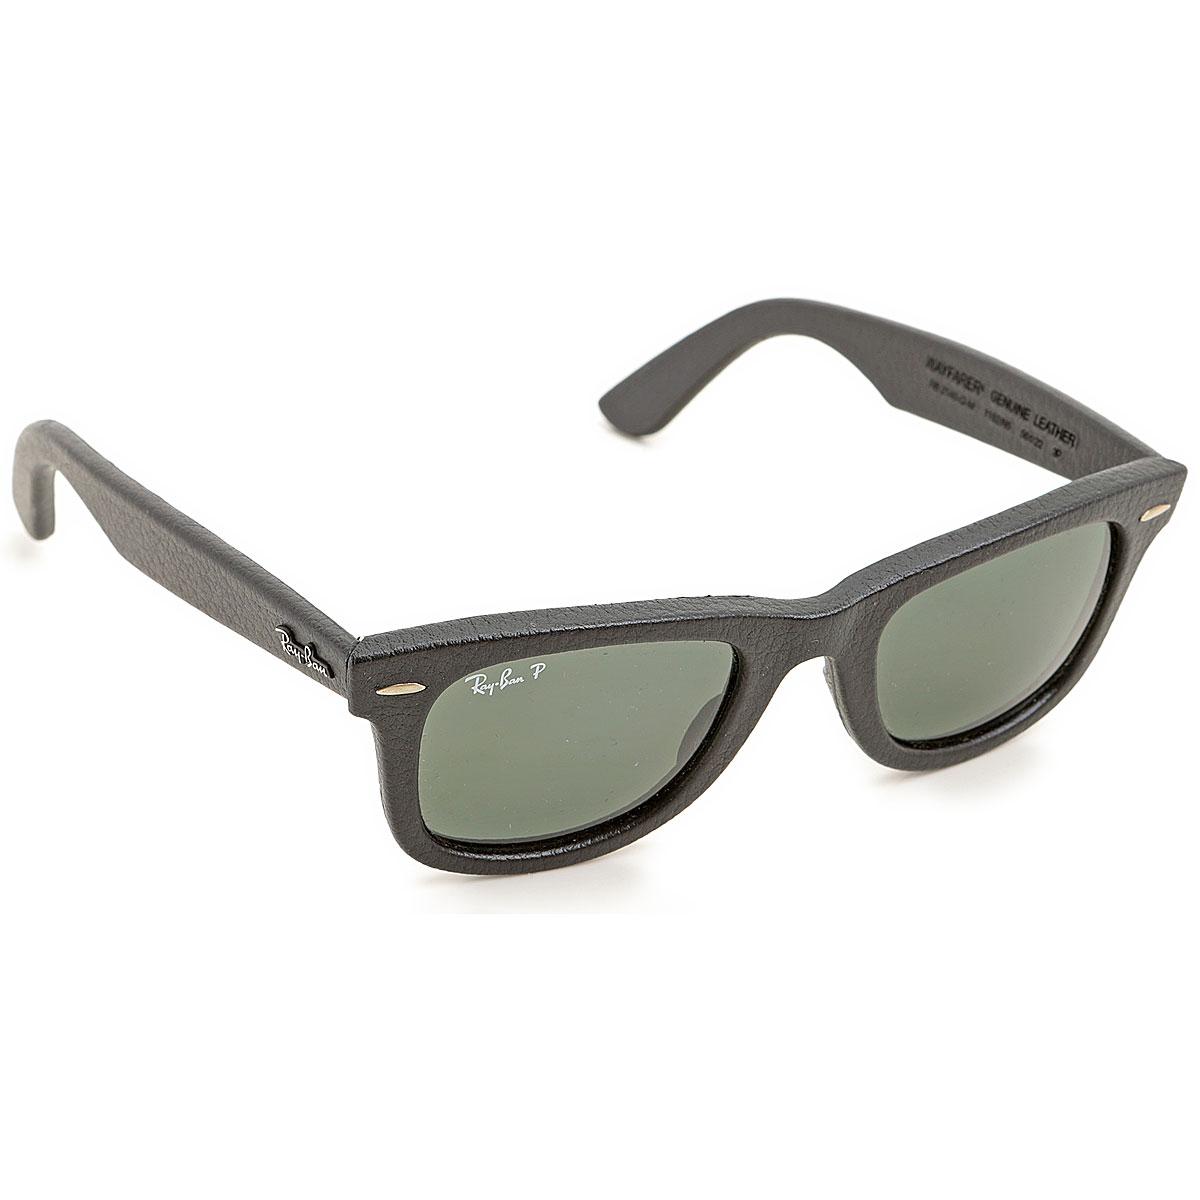 Ray Ban Sunglasses On Sale, 2017 USA-278035